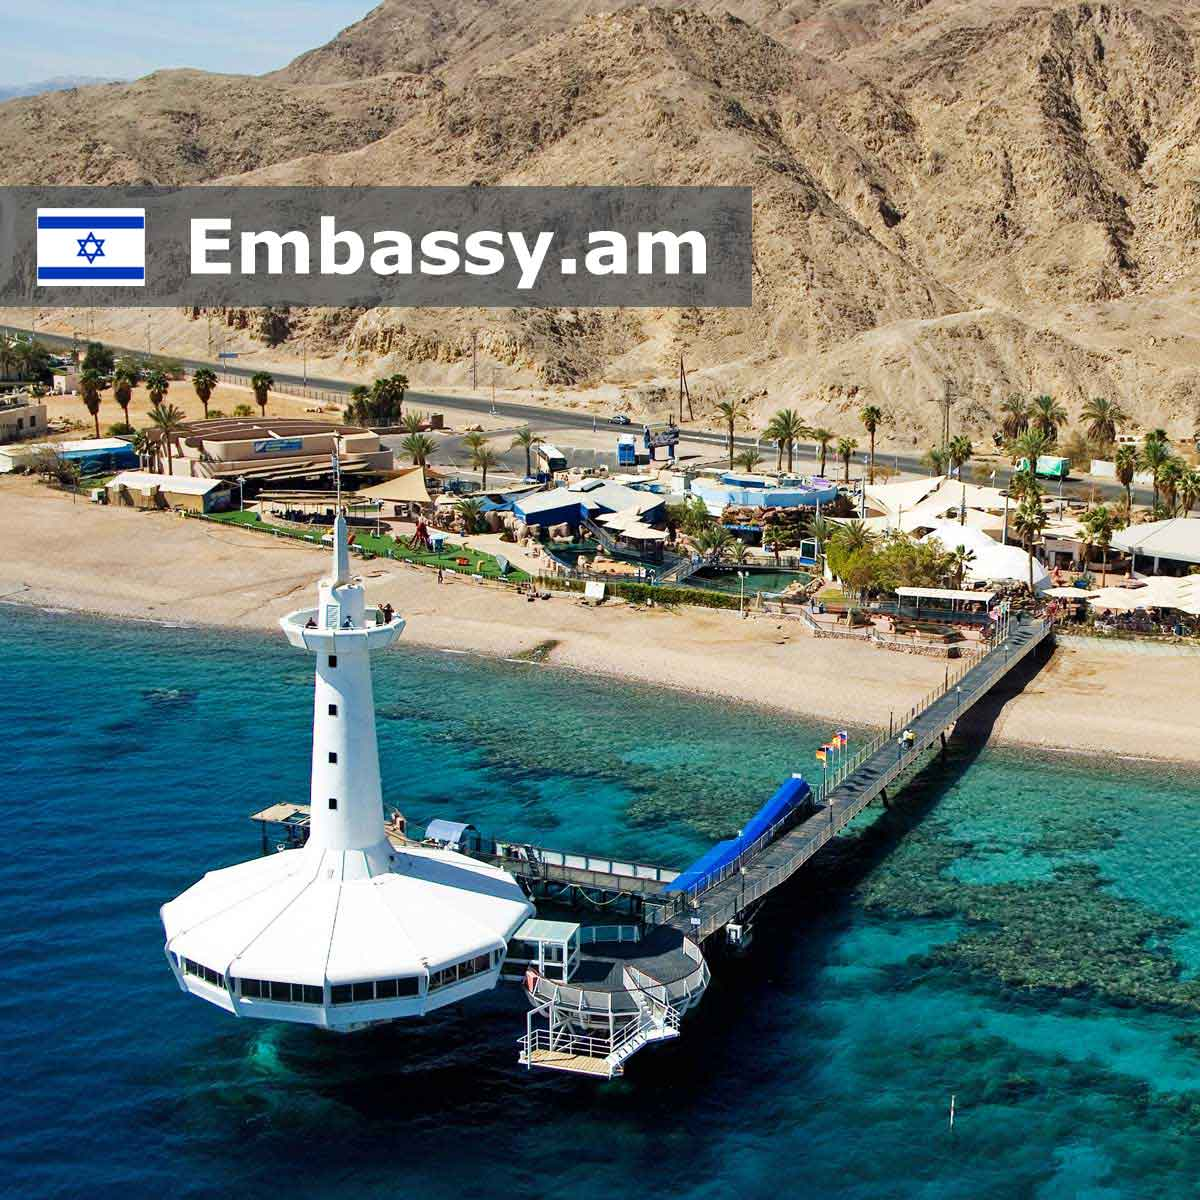 Eilat - Hotels in Israel - Embassy.am